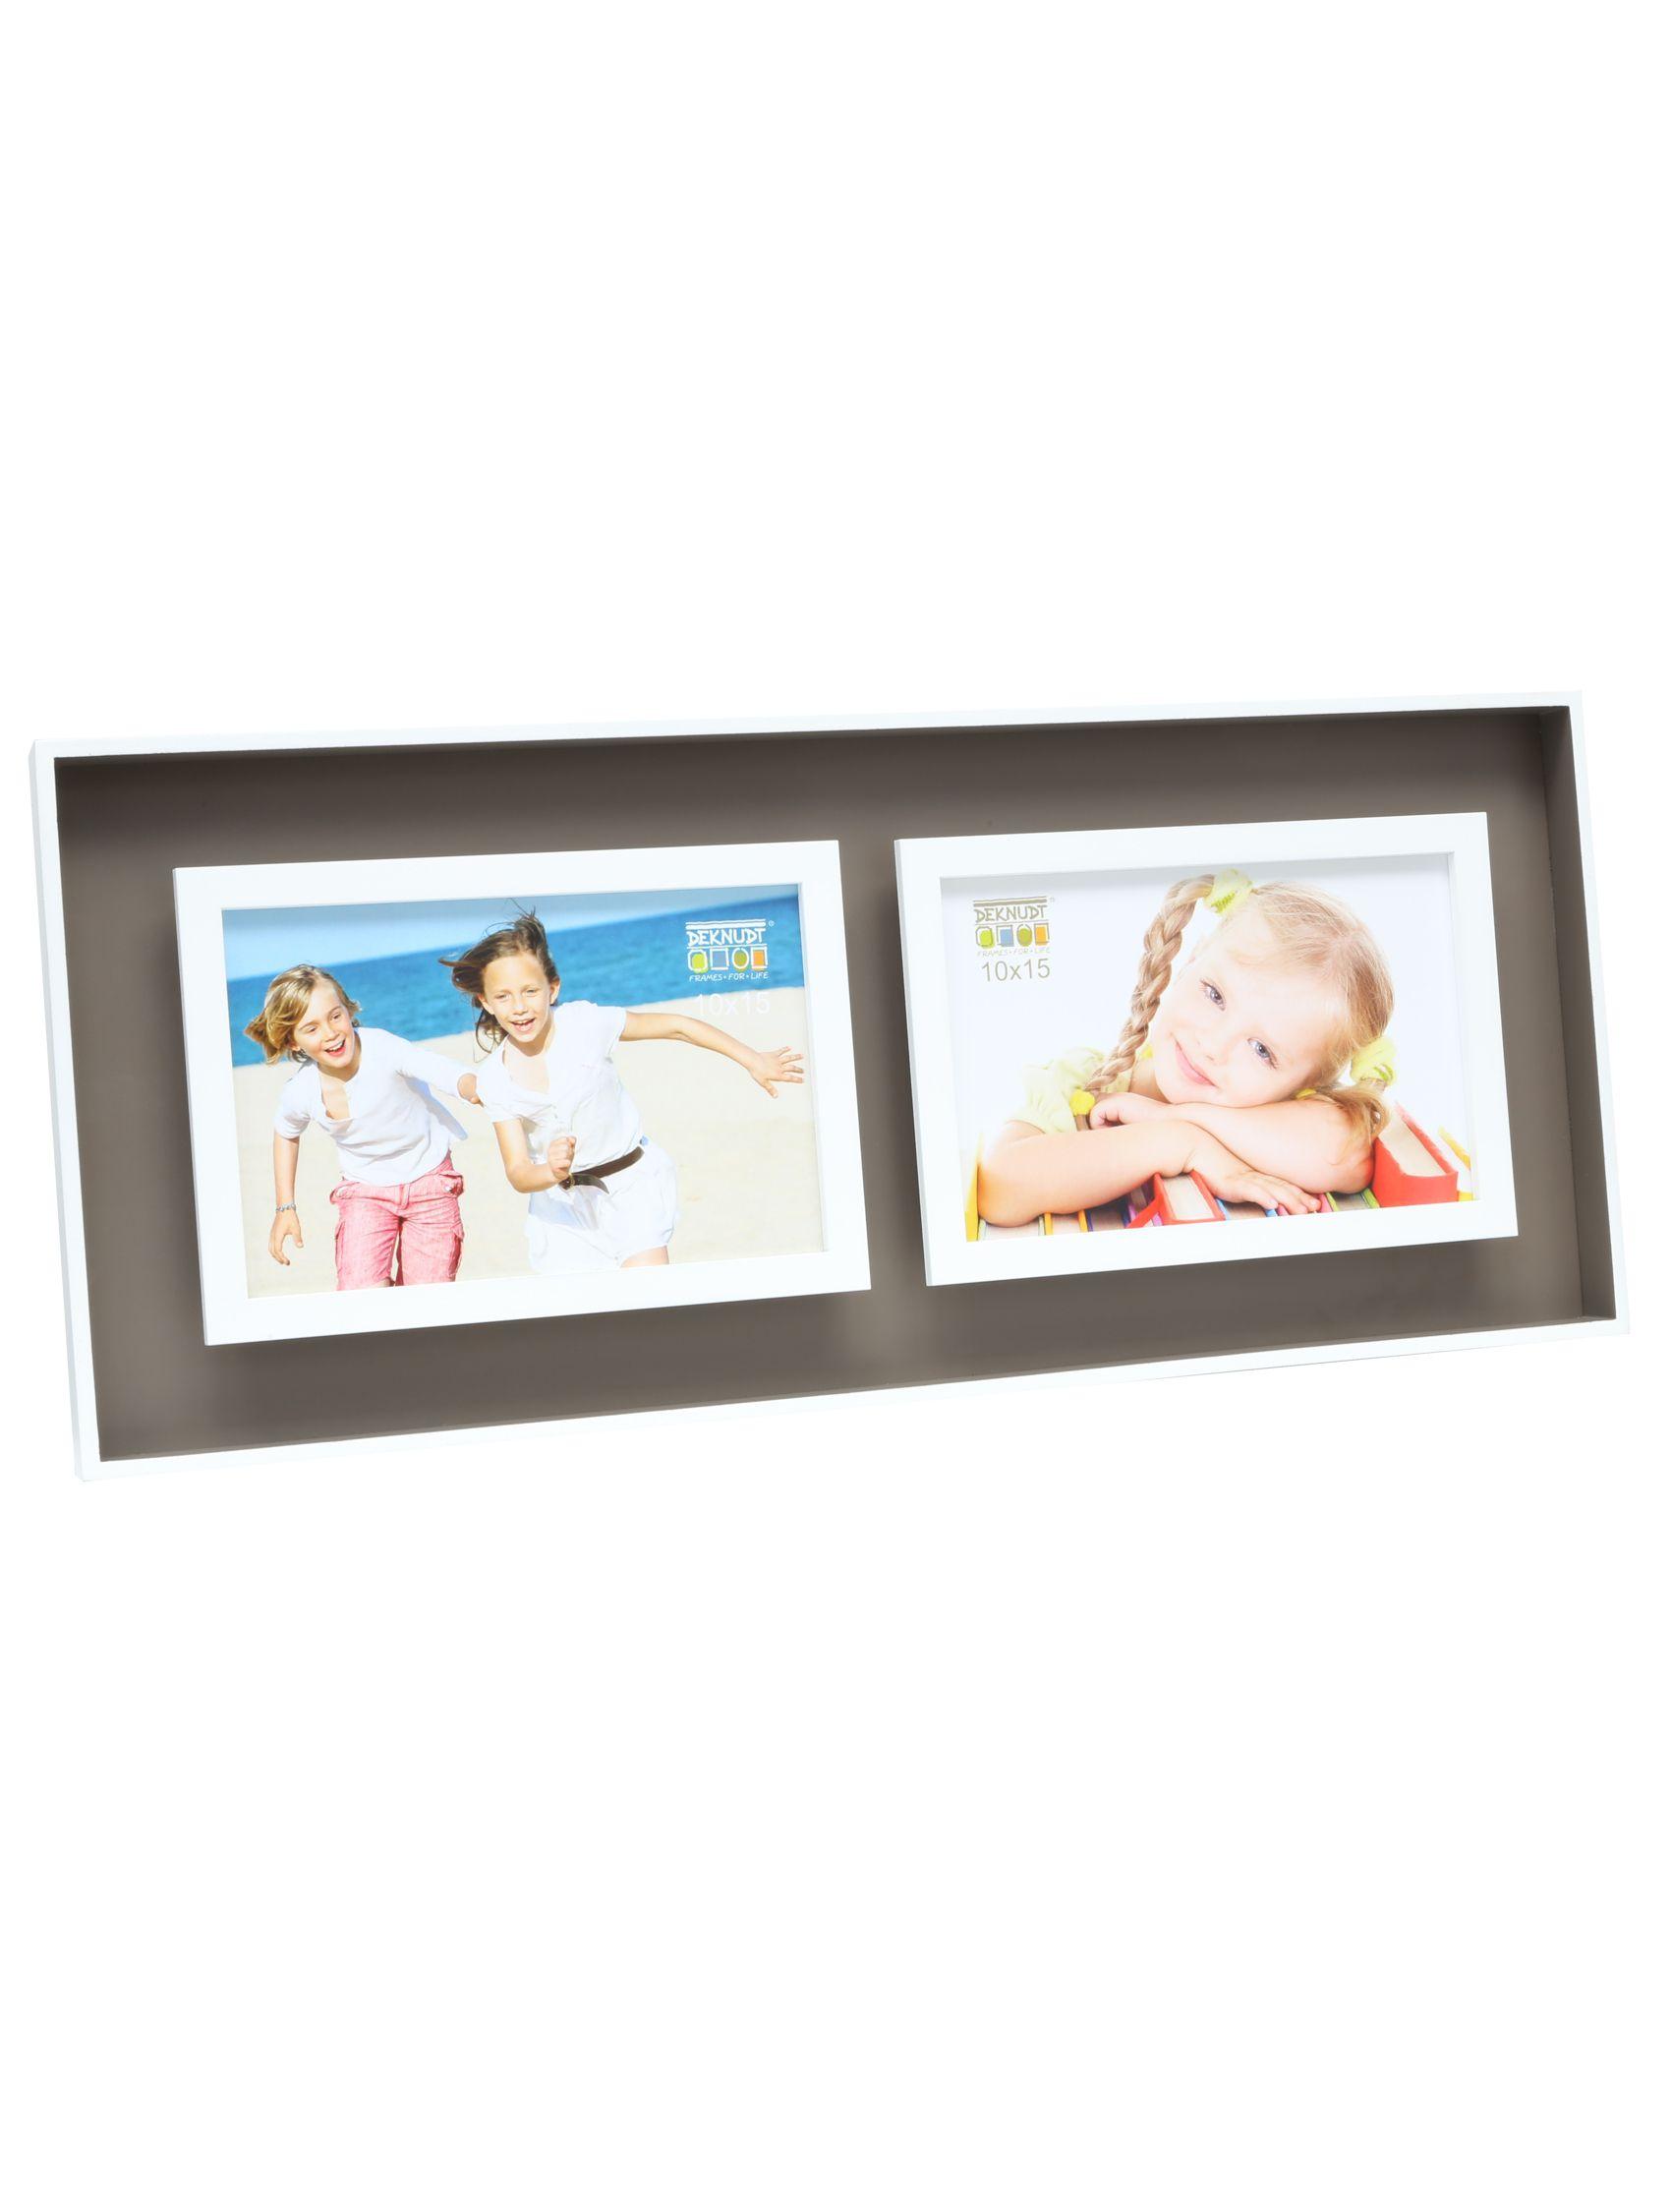 fotokader taupe/wit hout met diepte-effect, voor 2 foto's 10x15 horizontaal S68DK9 P2